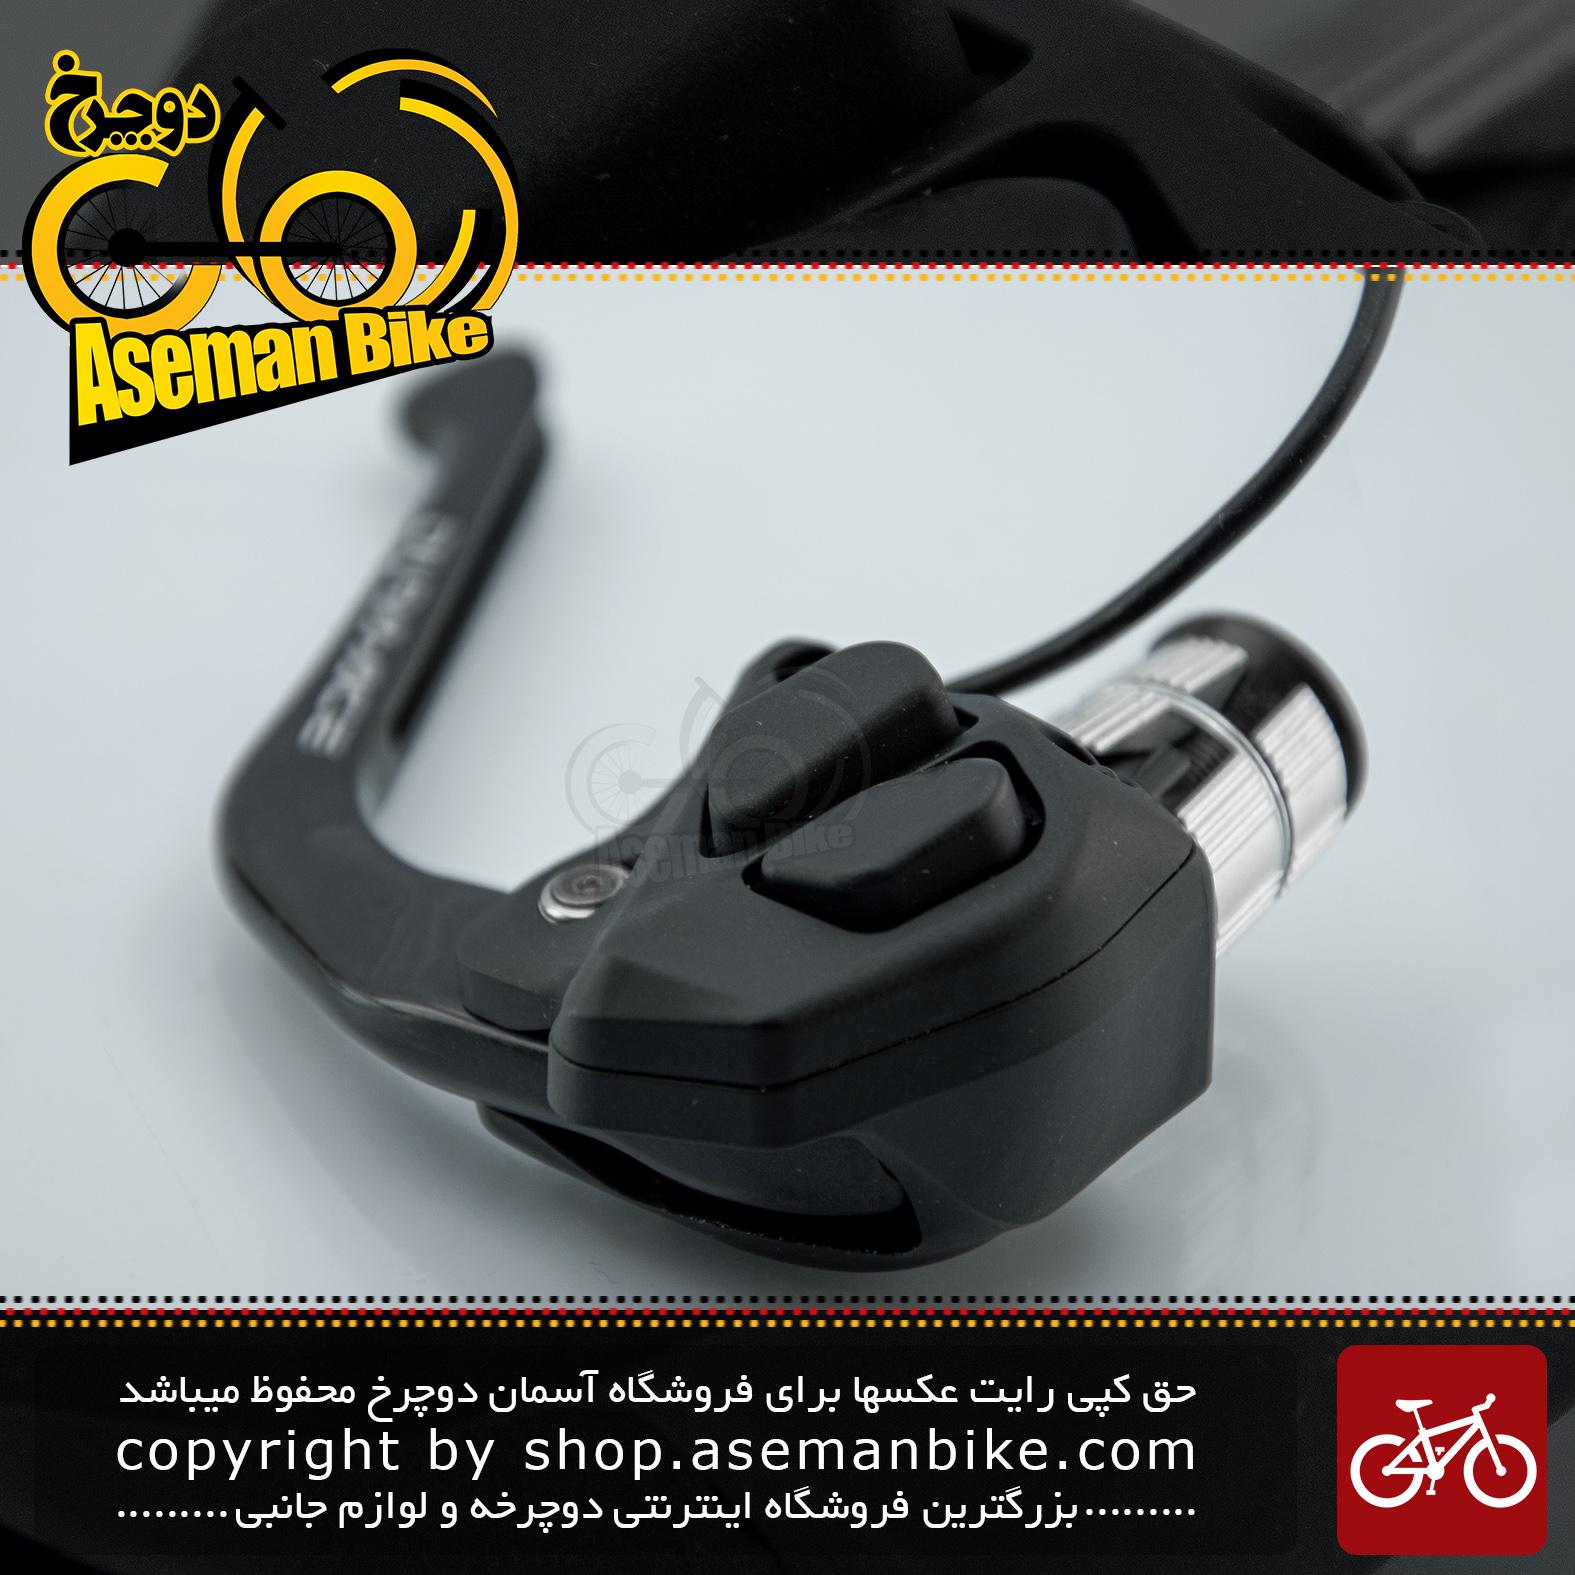 ست دسته دنده/ترمز برقی دوچرخه کورسی جاده شیمانو سری دی آی 2 دورا ایس مدل اس تی 7971 ساخت ژاپن Shimano Japan On-road Bicycle DI2 Shifter/Brake lever Dura Ace ST7971